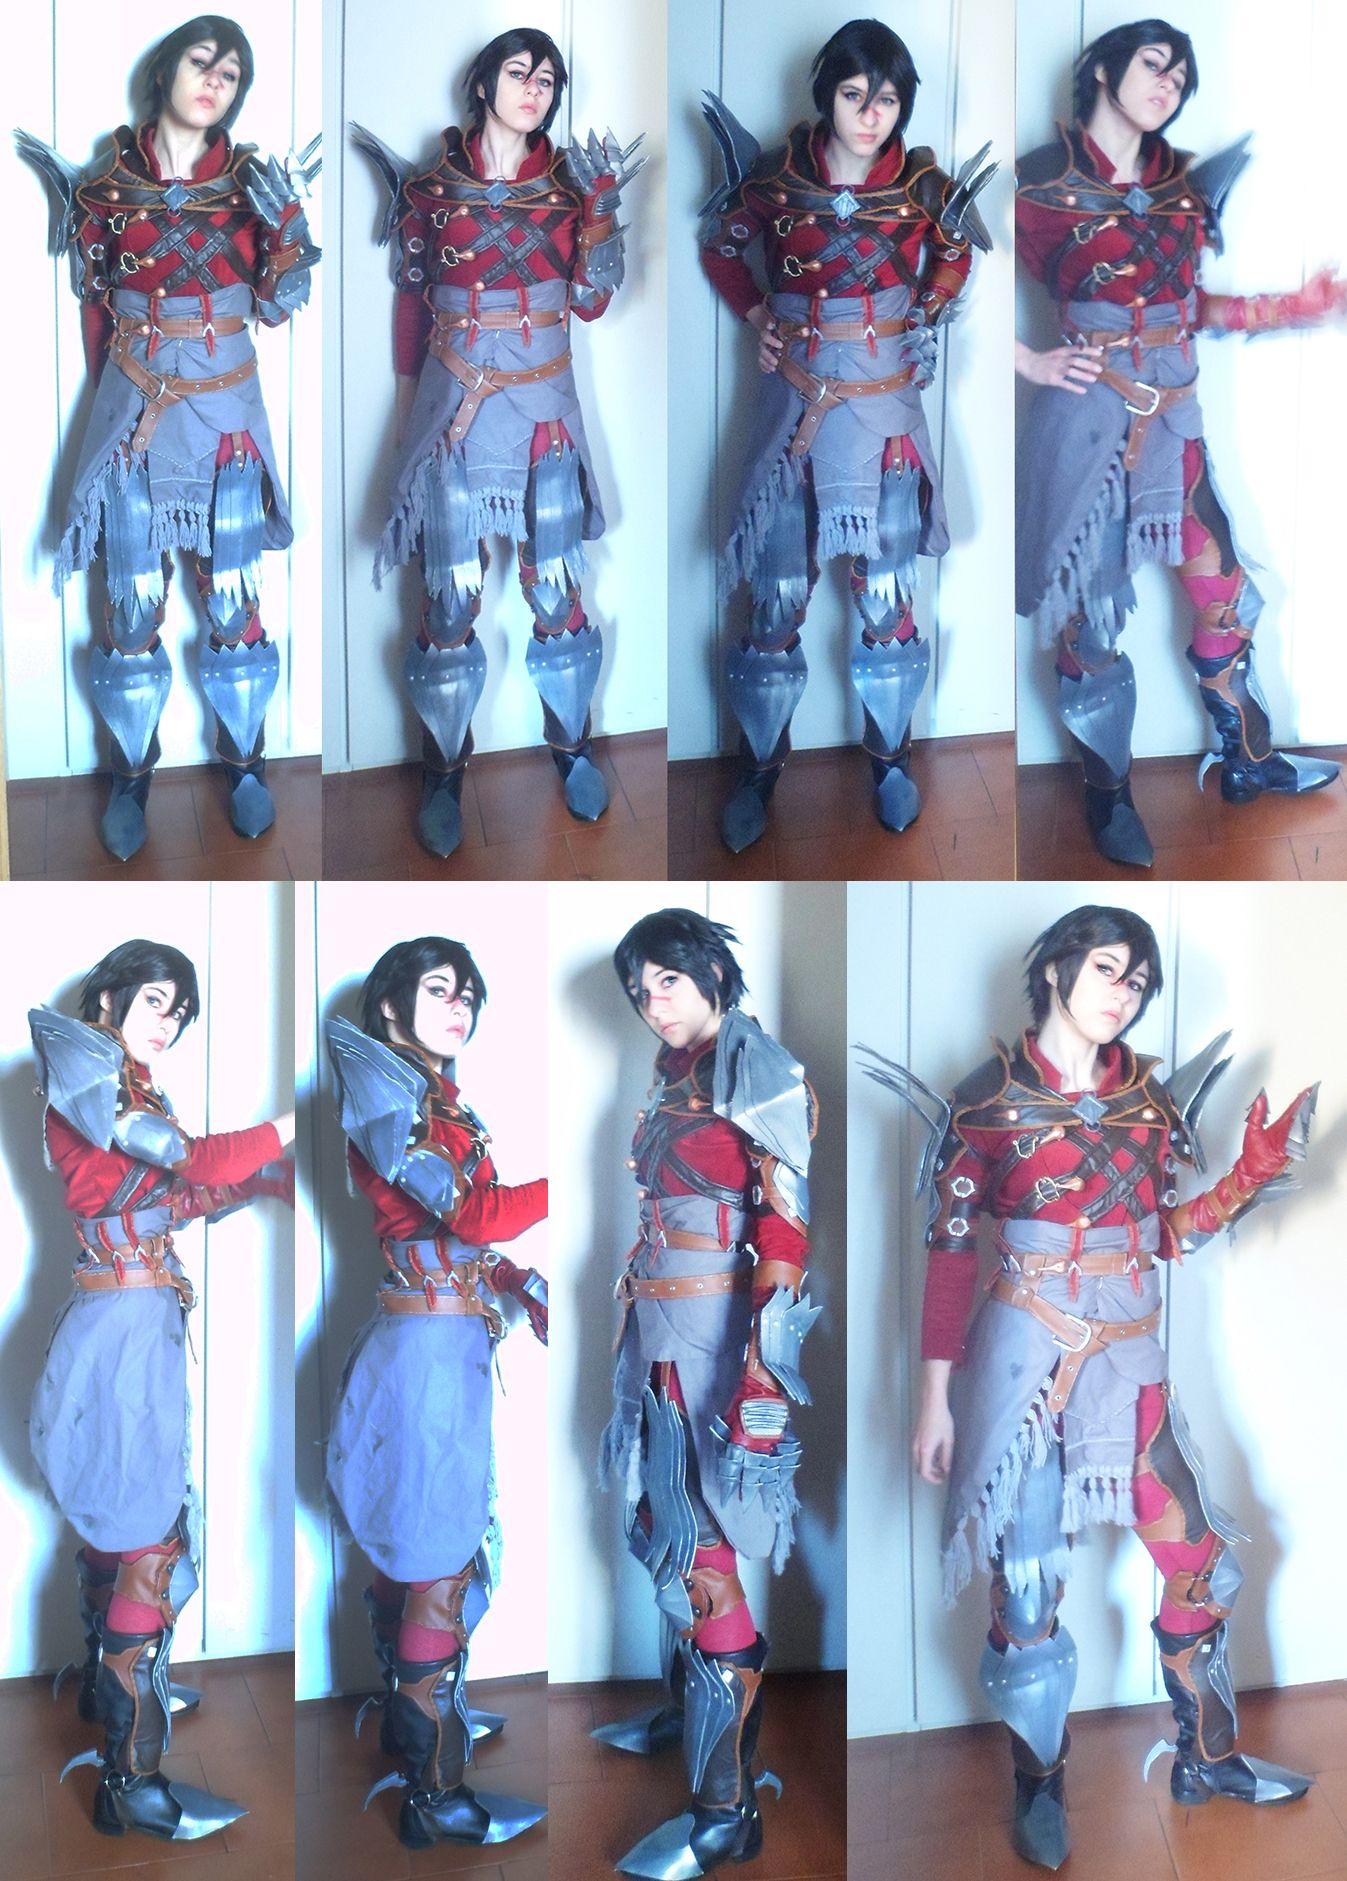 Rogue Marian Hawke Mantle of Champion Dragon Age II cosplay test   #dragonage #da #da2 #daii #cosplay #costume #outfit #champion #kirkwall #marian #hawke #costest #instant #garrett #femhawke #fem www.facebook.com/DarkWingsTira